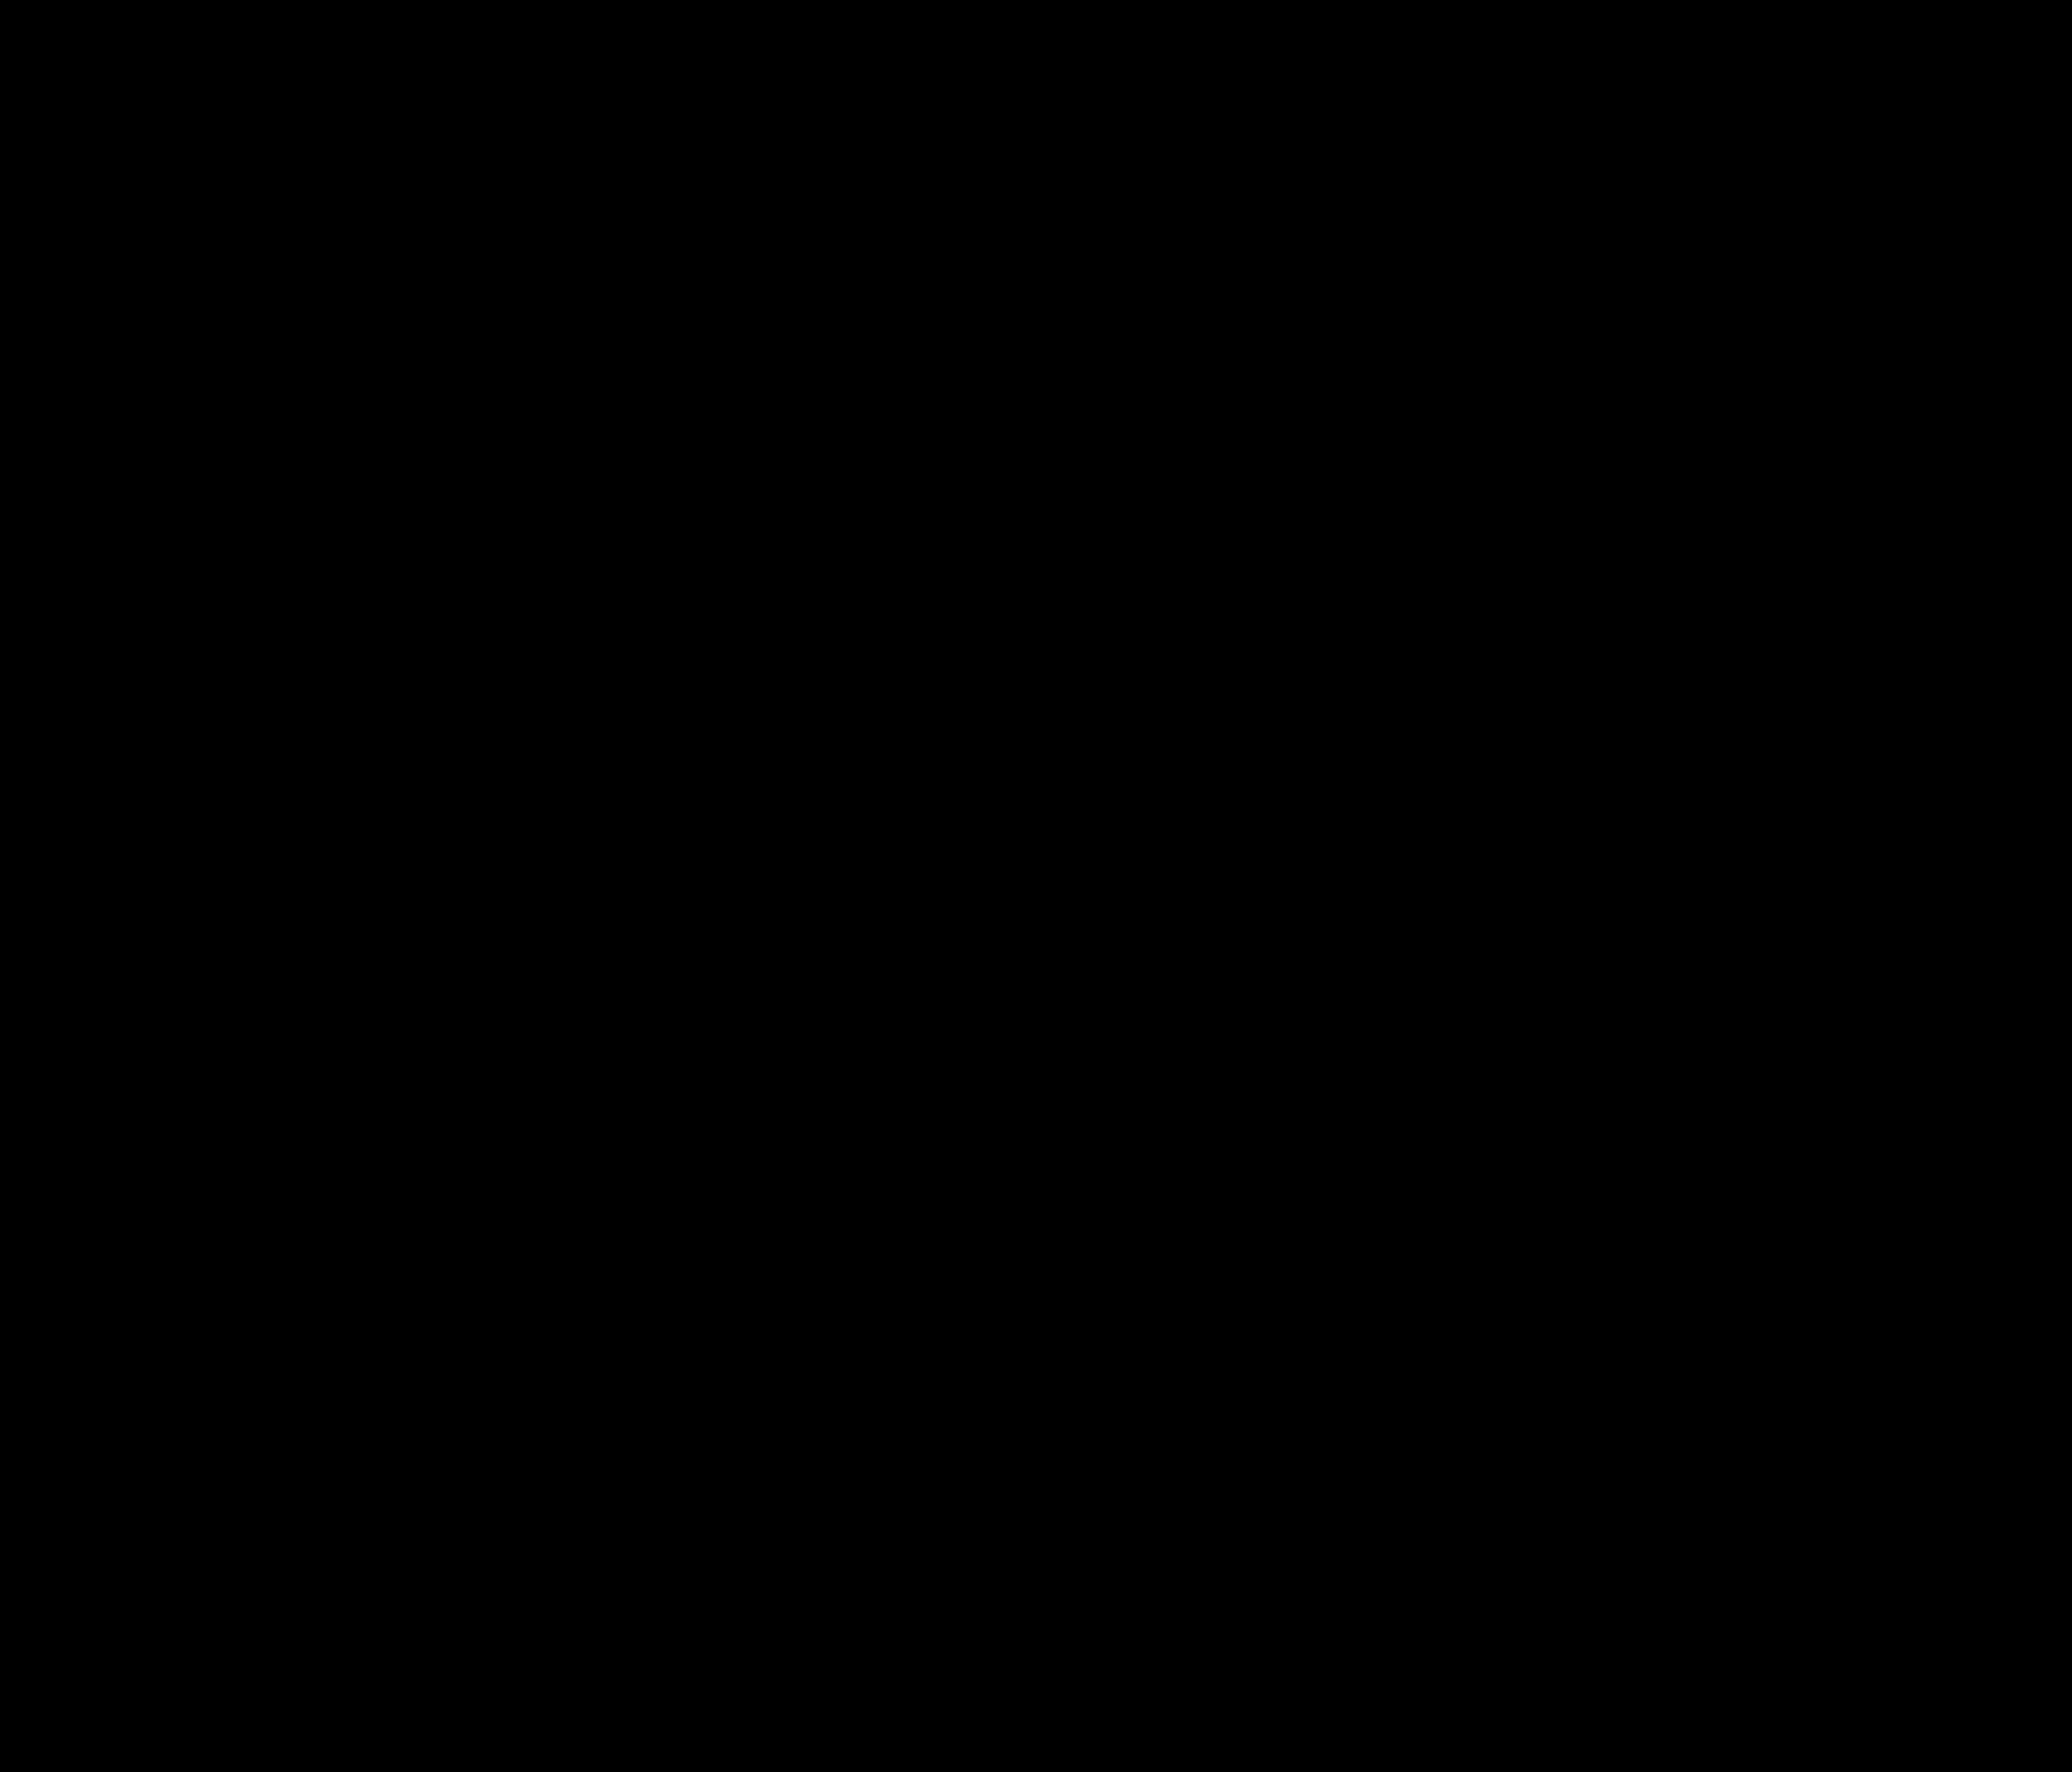 leaf clipart black locust